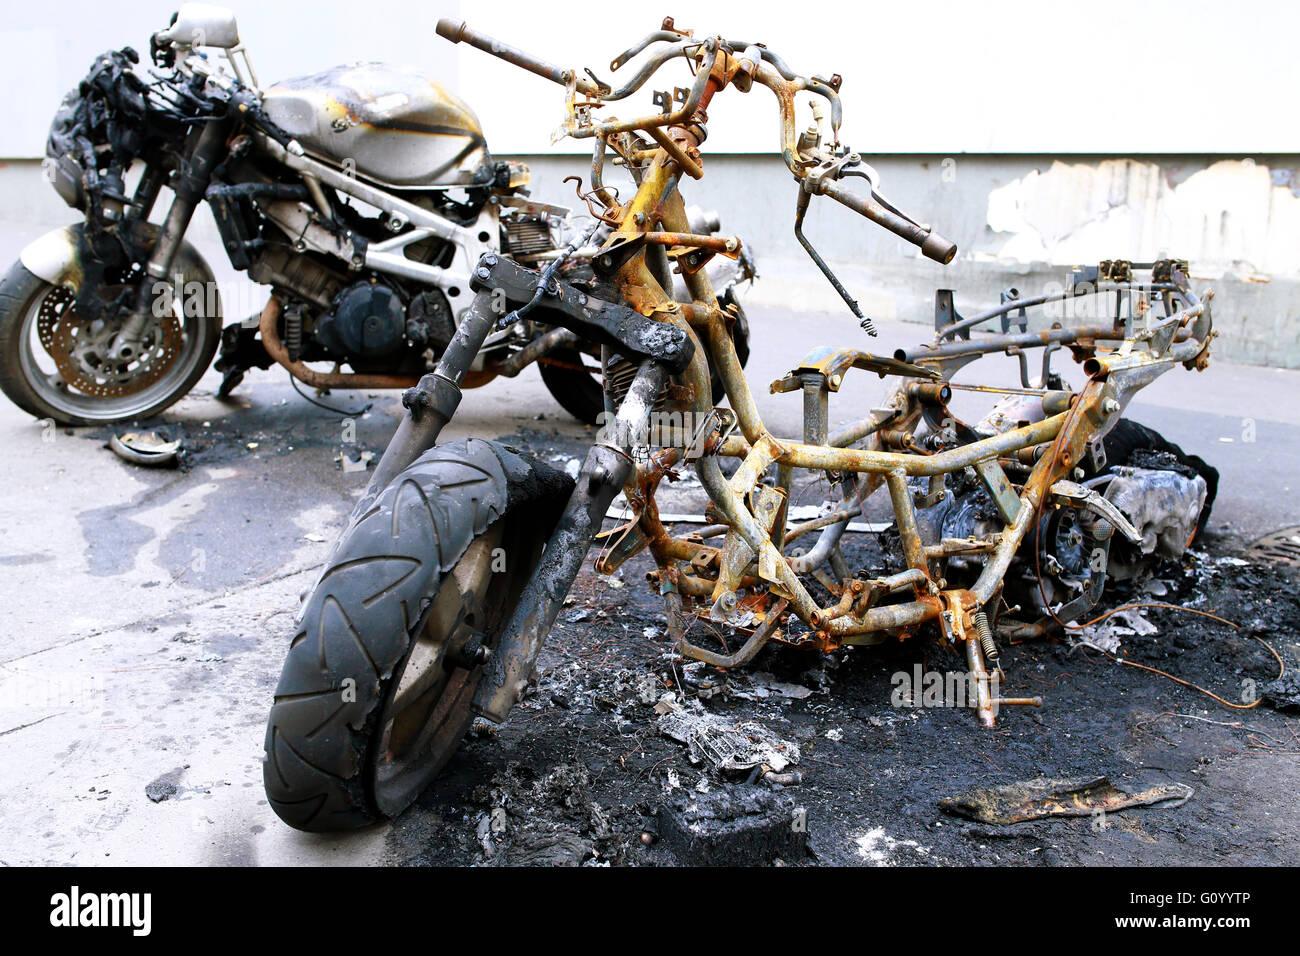 Motos quemadas en el pavimento Foto de stock